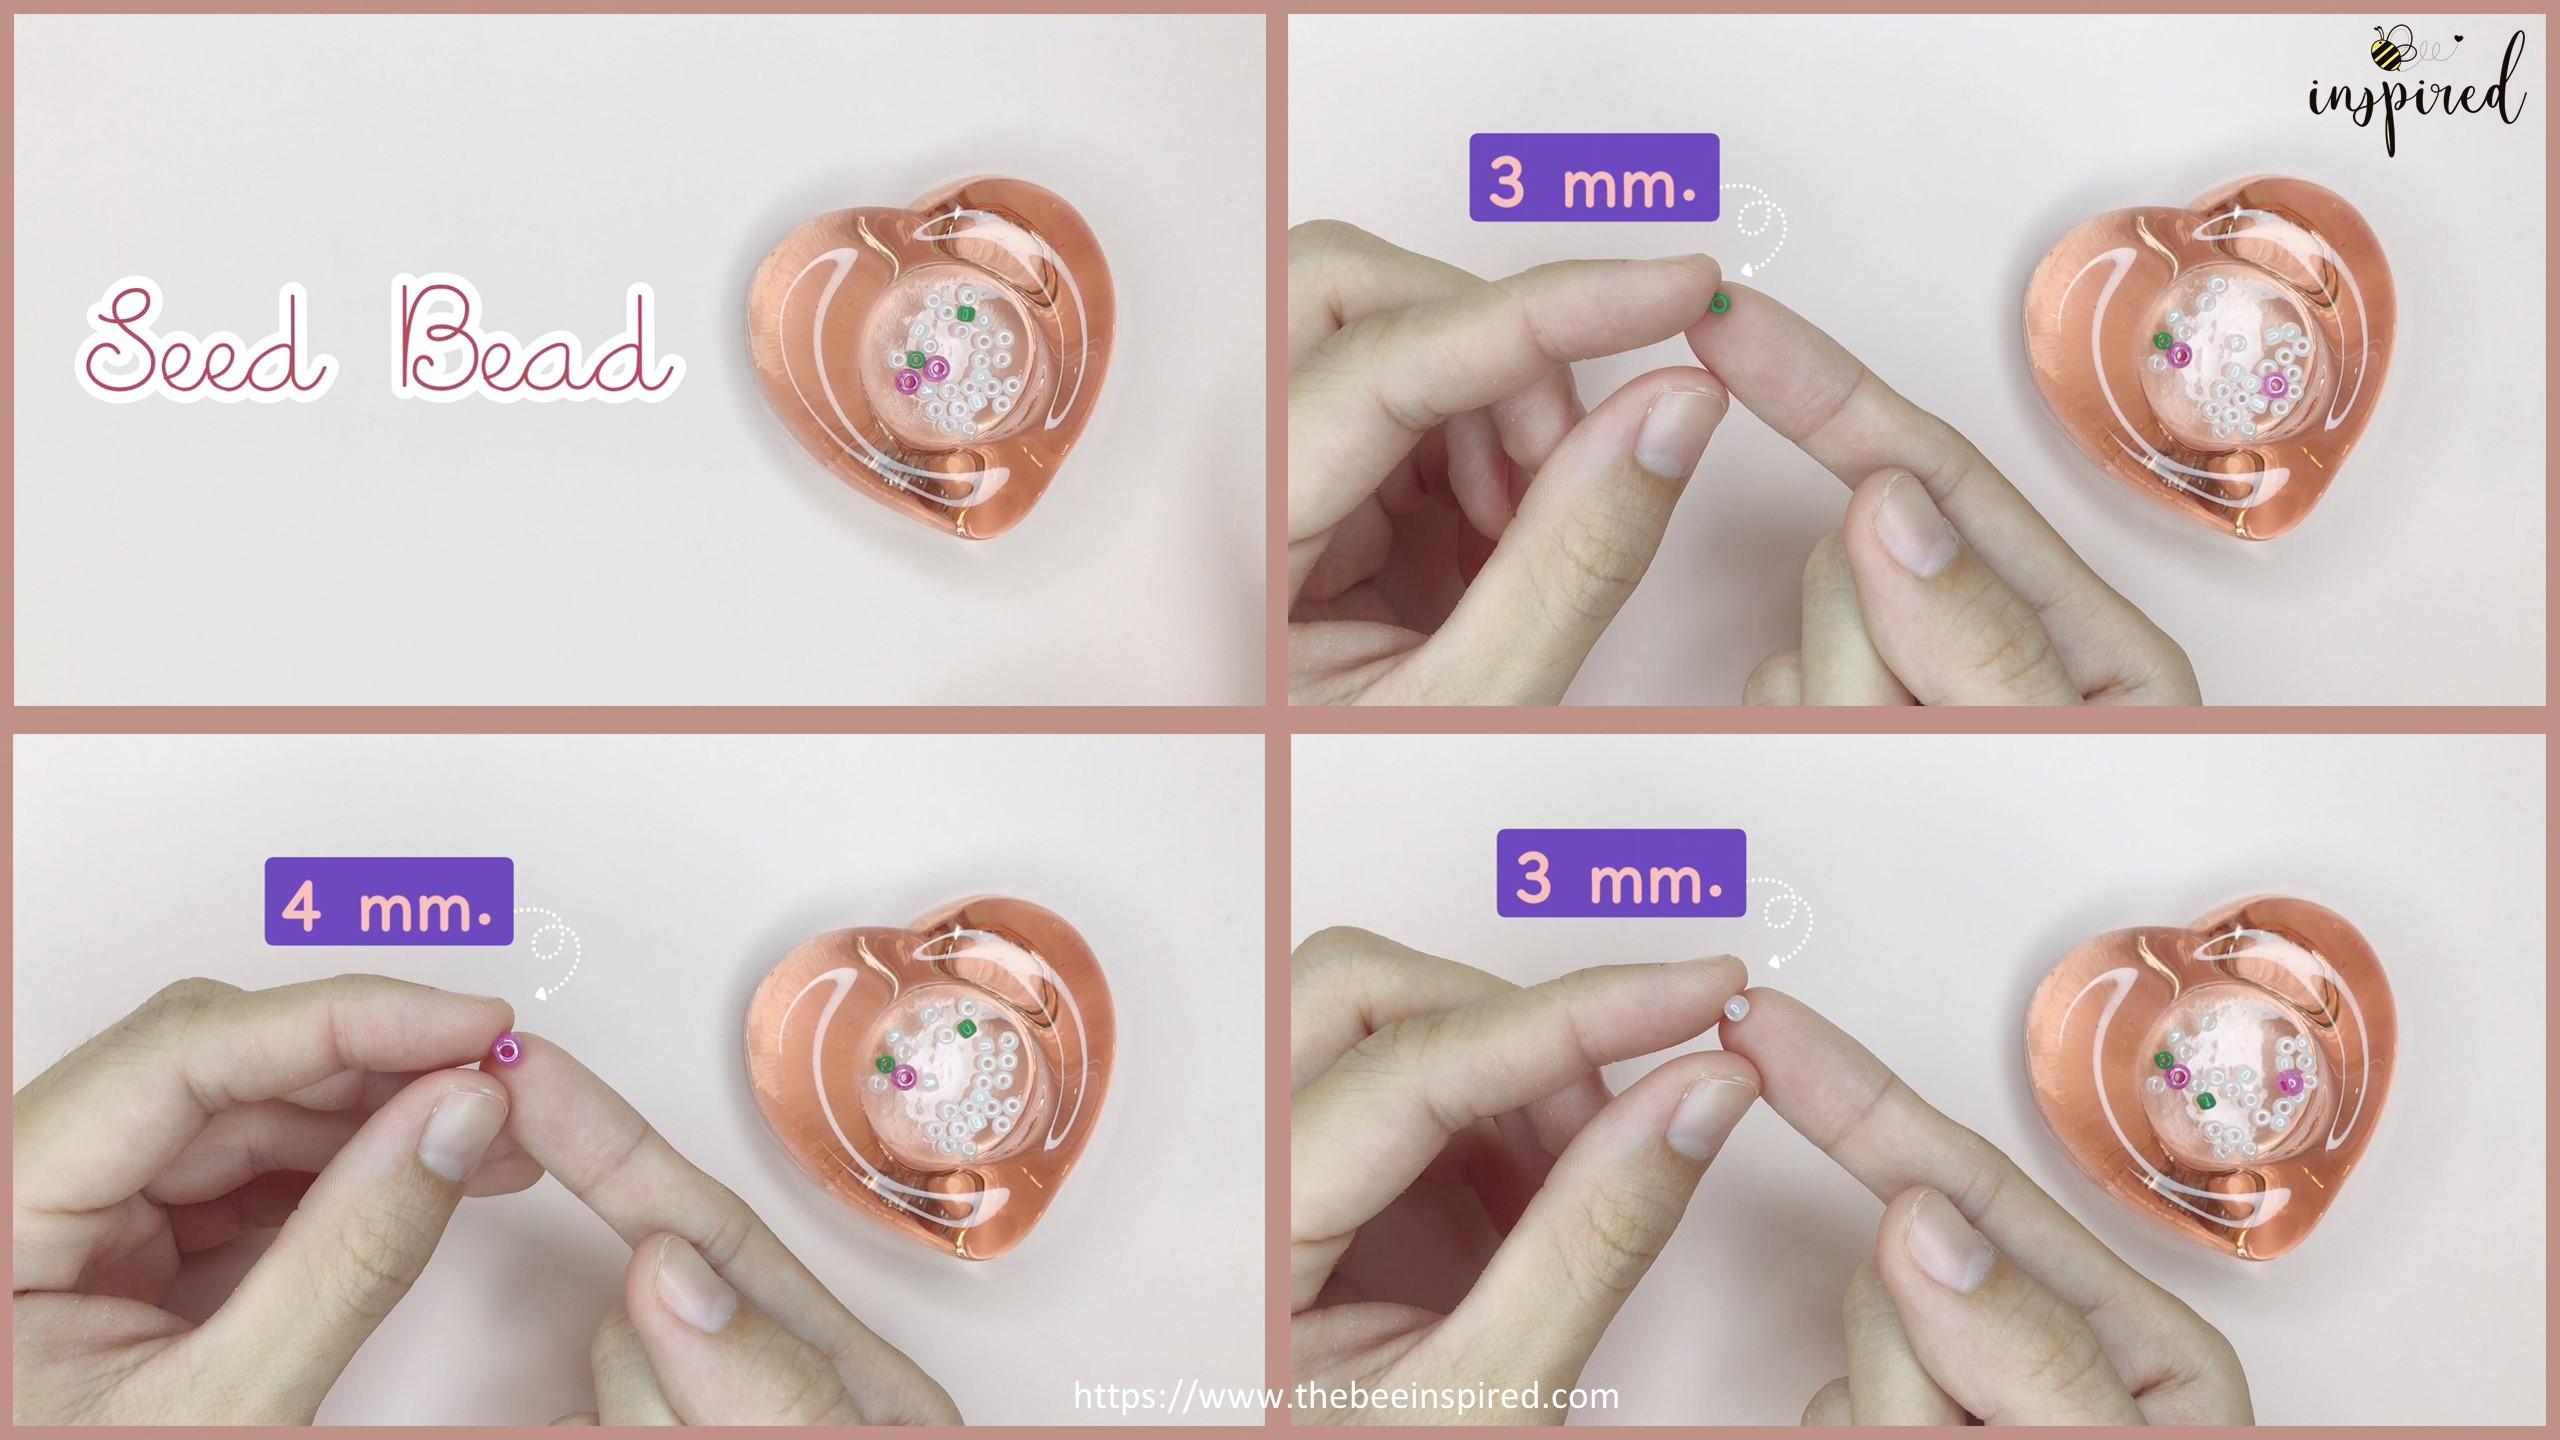 วิธีทำแหวนลูกปัดเชอร์รี่ง่ายๆ สไตล์เกาหลี - How to Make Cherry Beaded Ring_Equipment_1